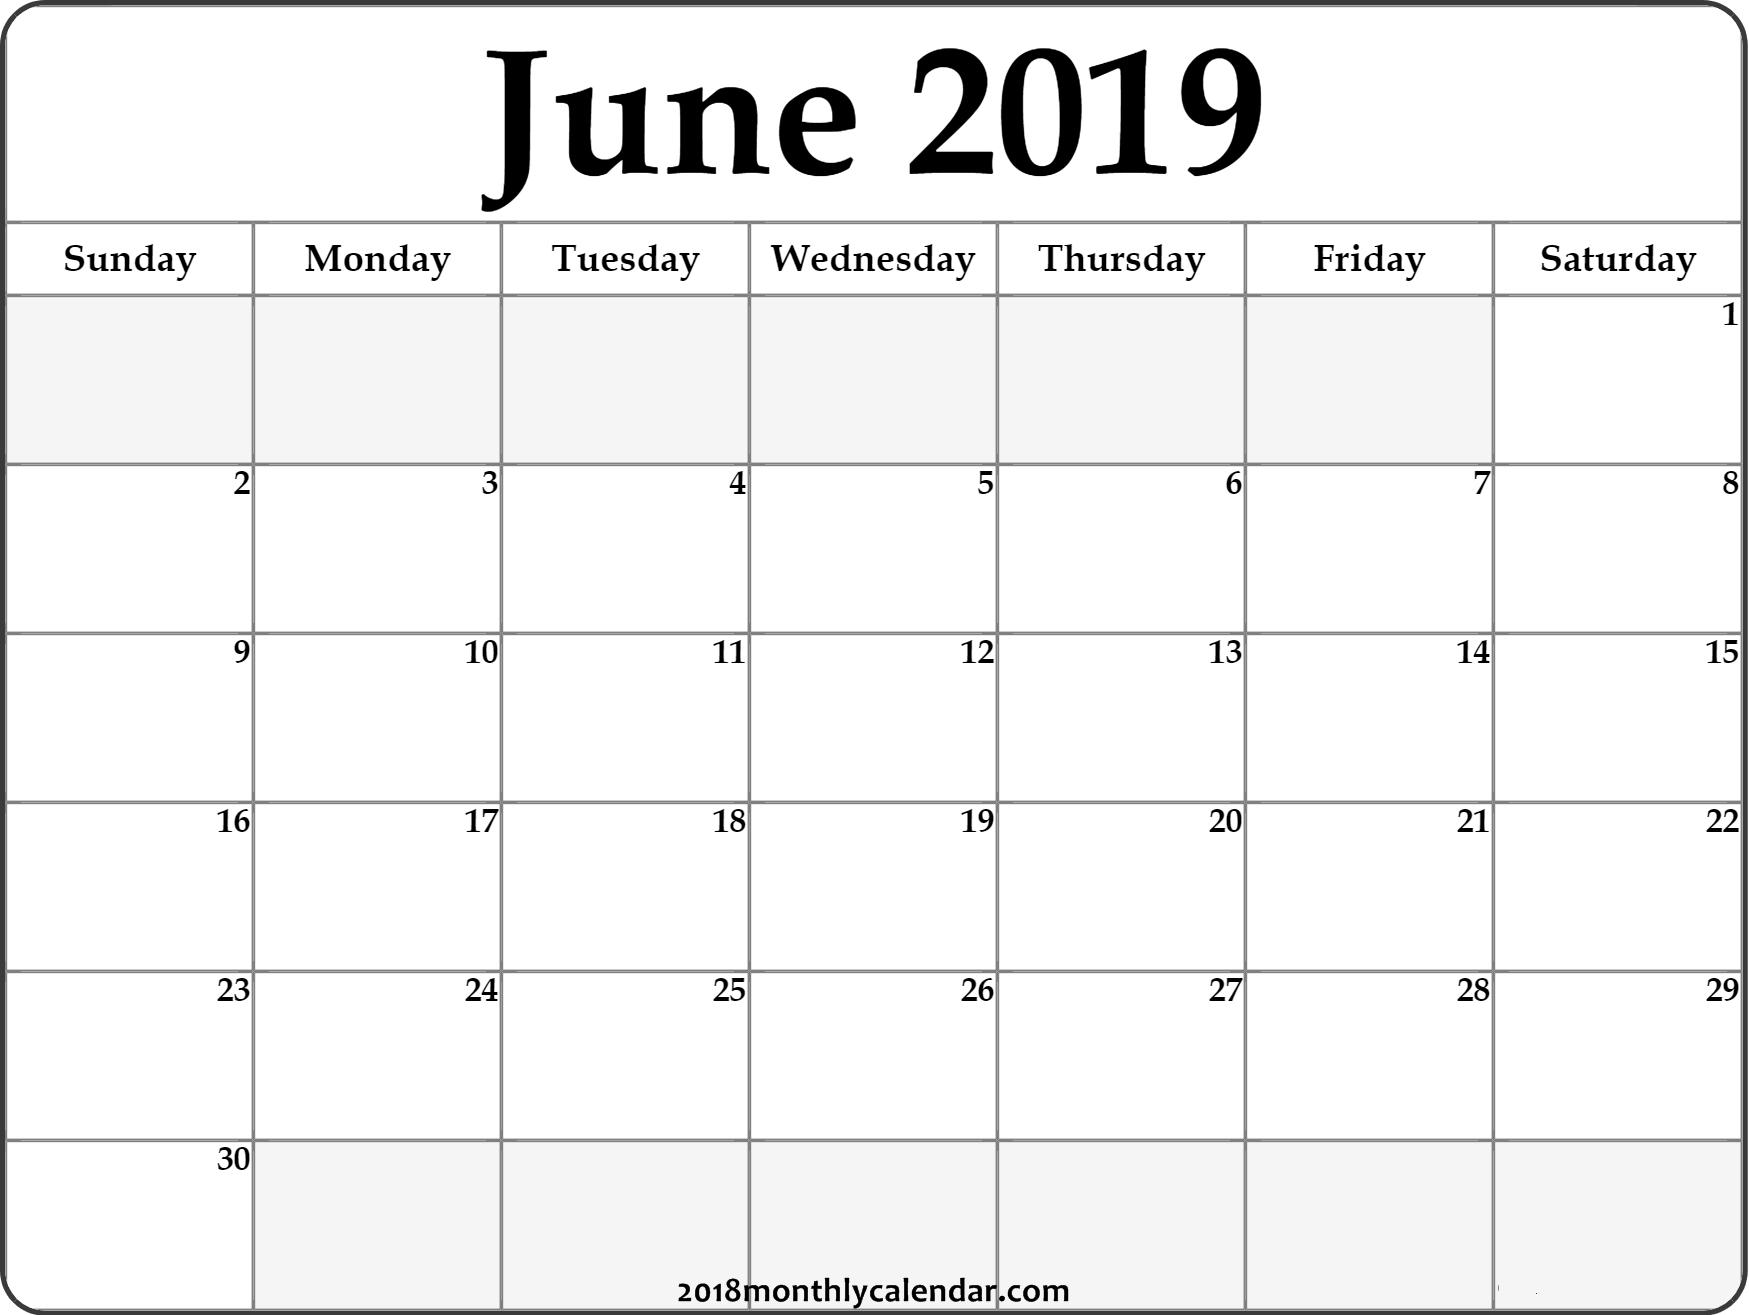 Download June 2019 Printable Calendar - Printable Blank & Editable with regard to Printable Calendar June 2019 To June 2020